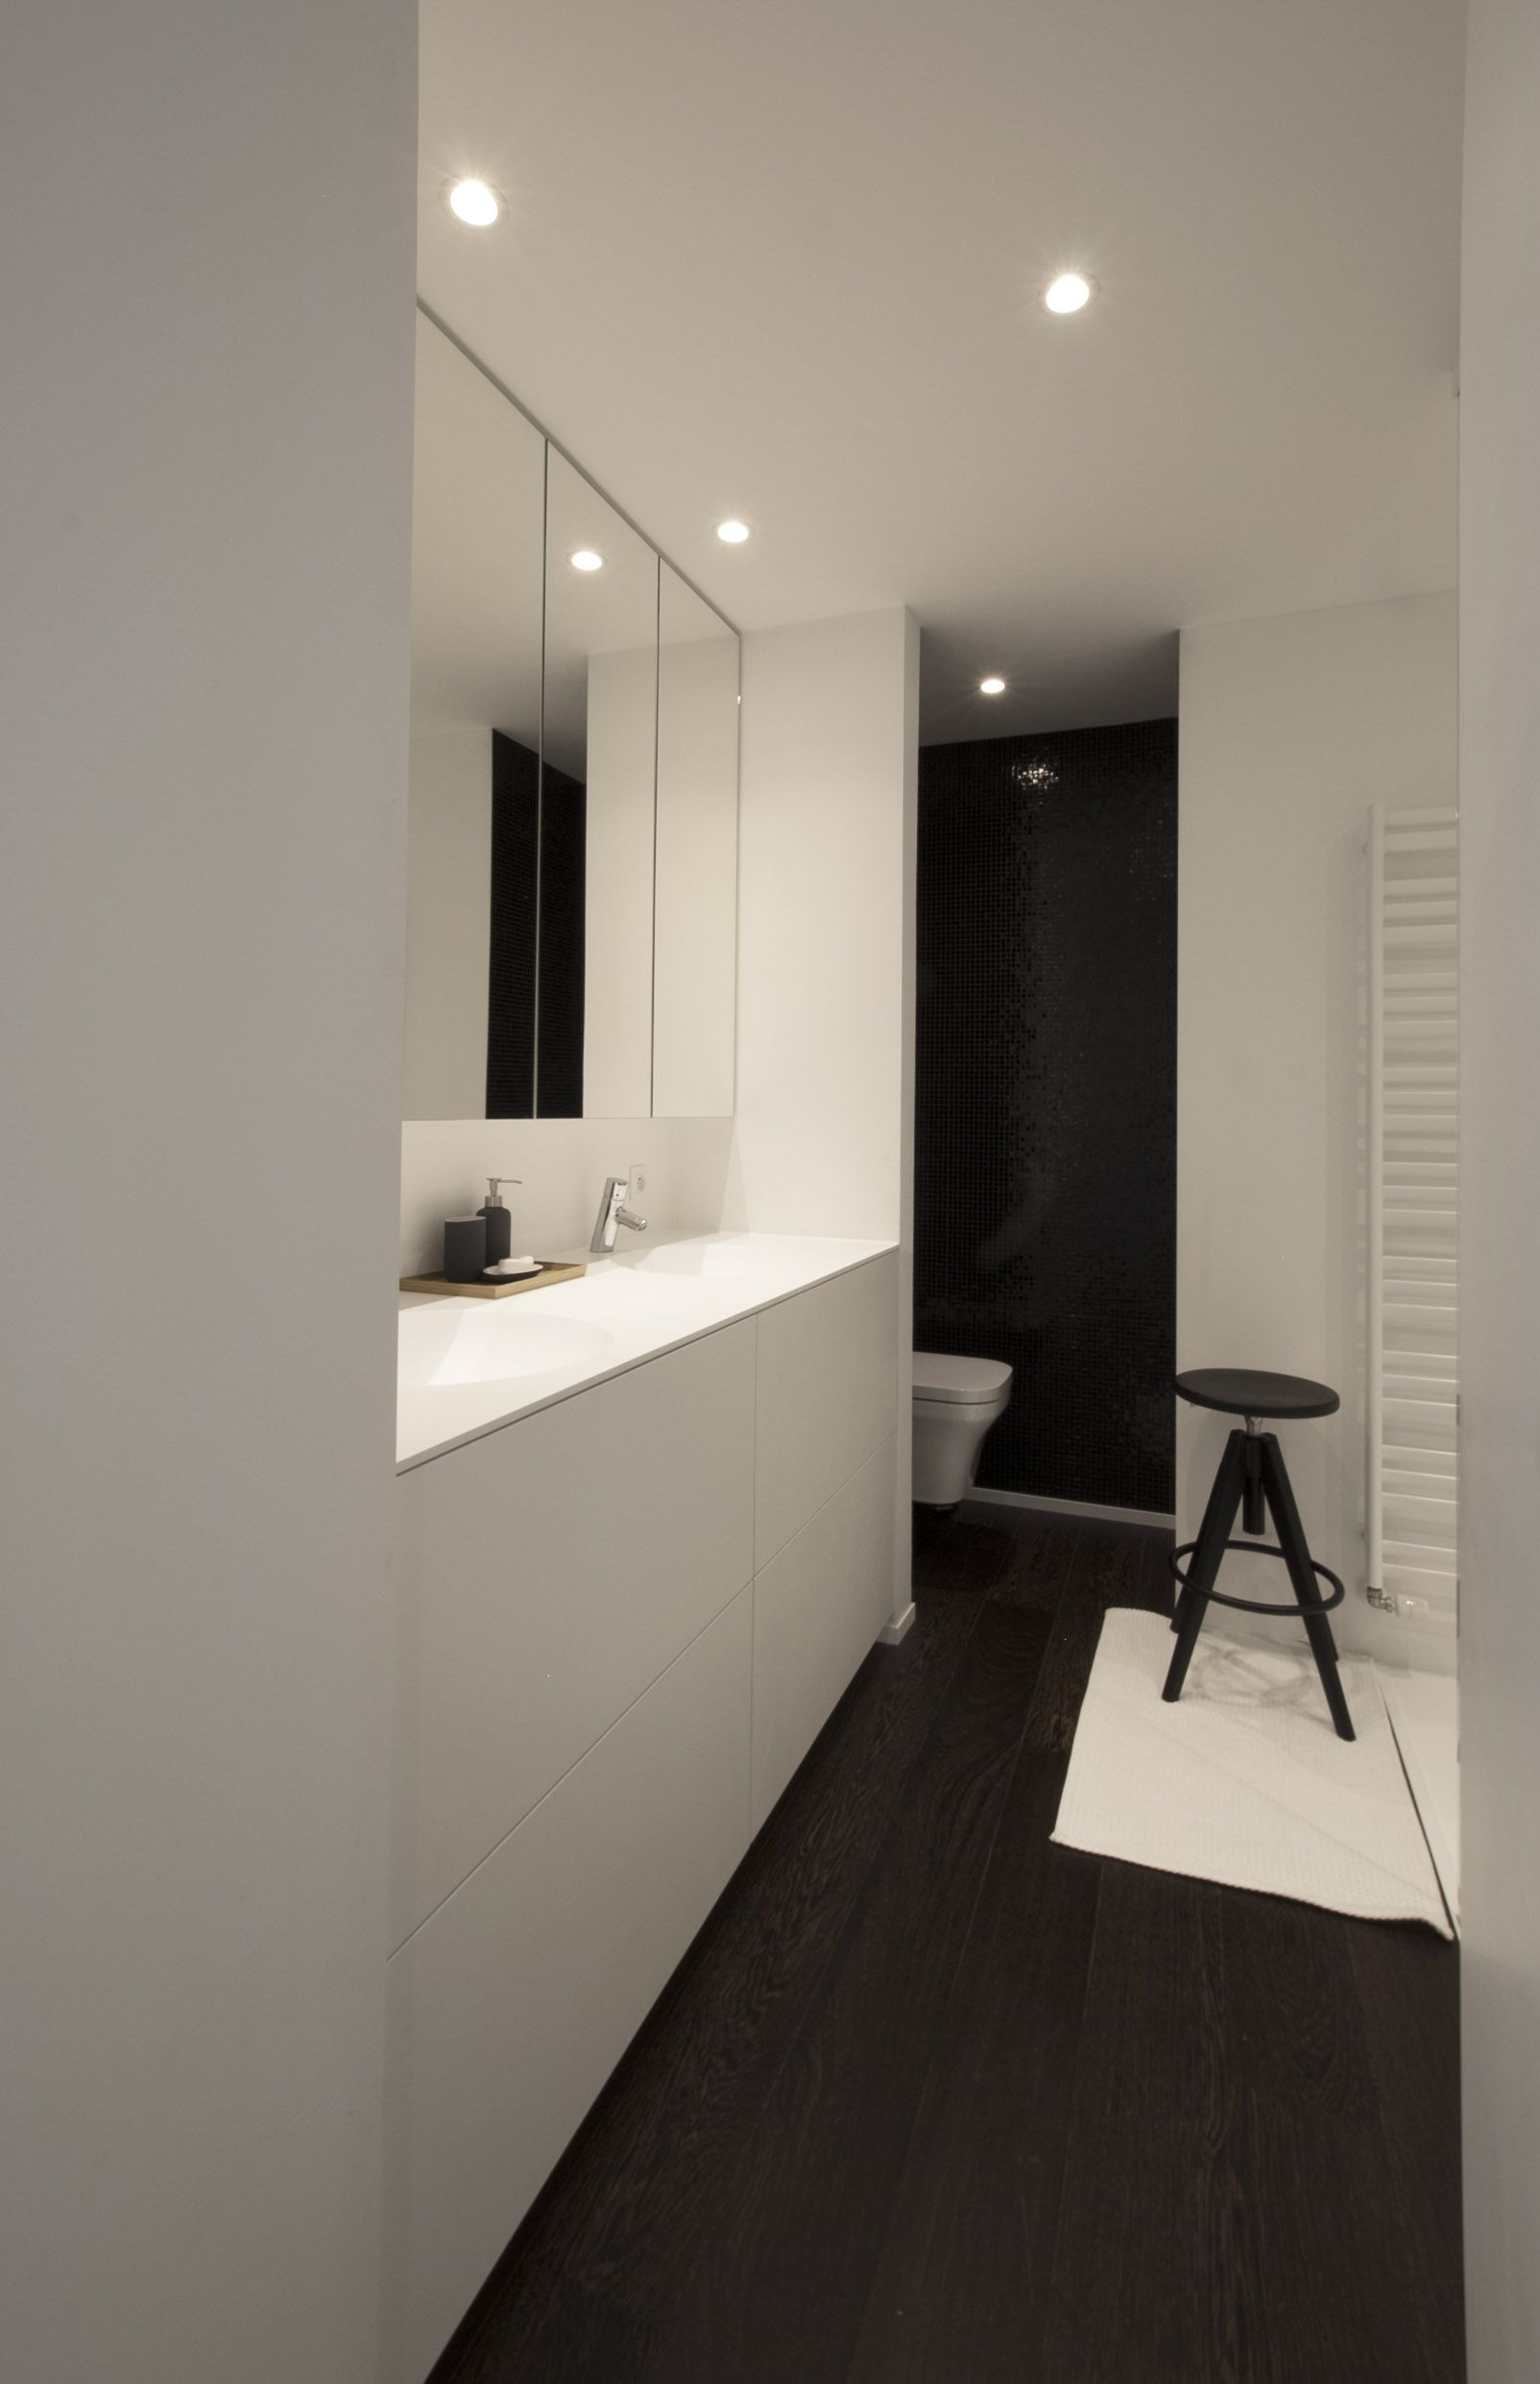 Badkamerkasten Op Maat.Badkamerinspiratie Moderne Badkamer Badkamermeubel Op Maat